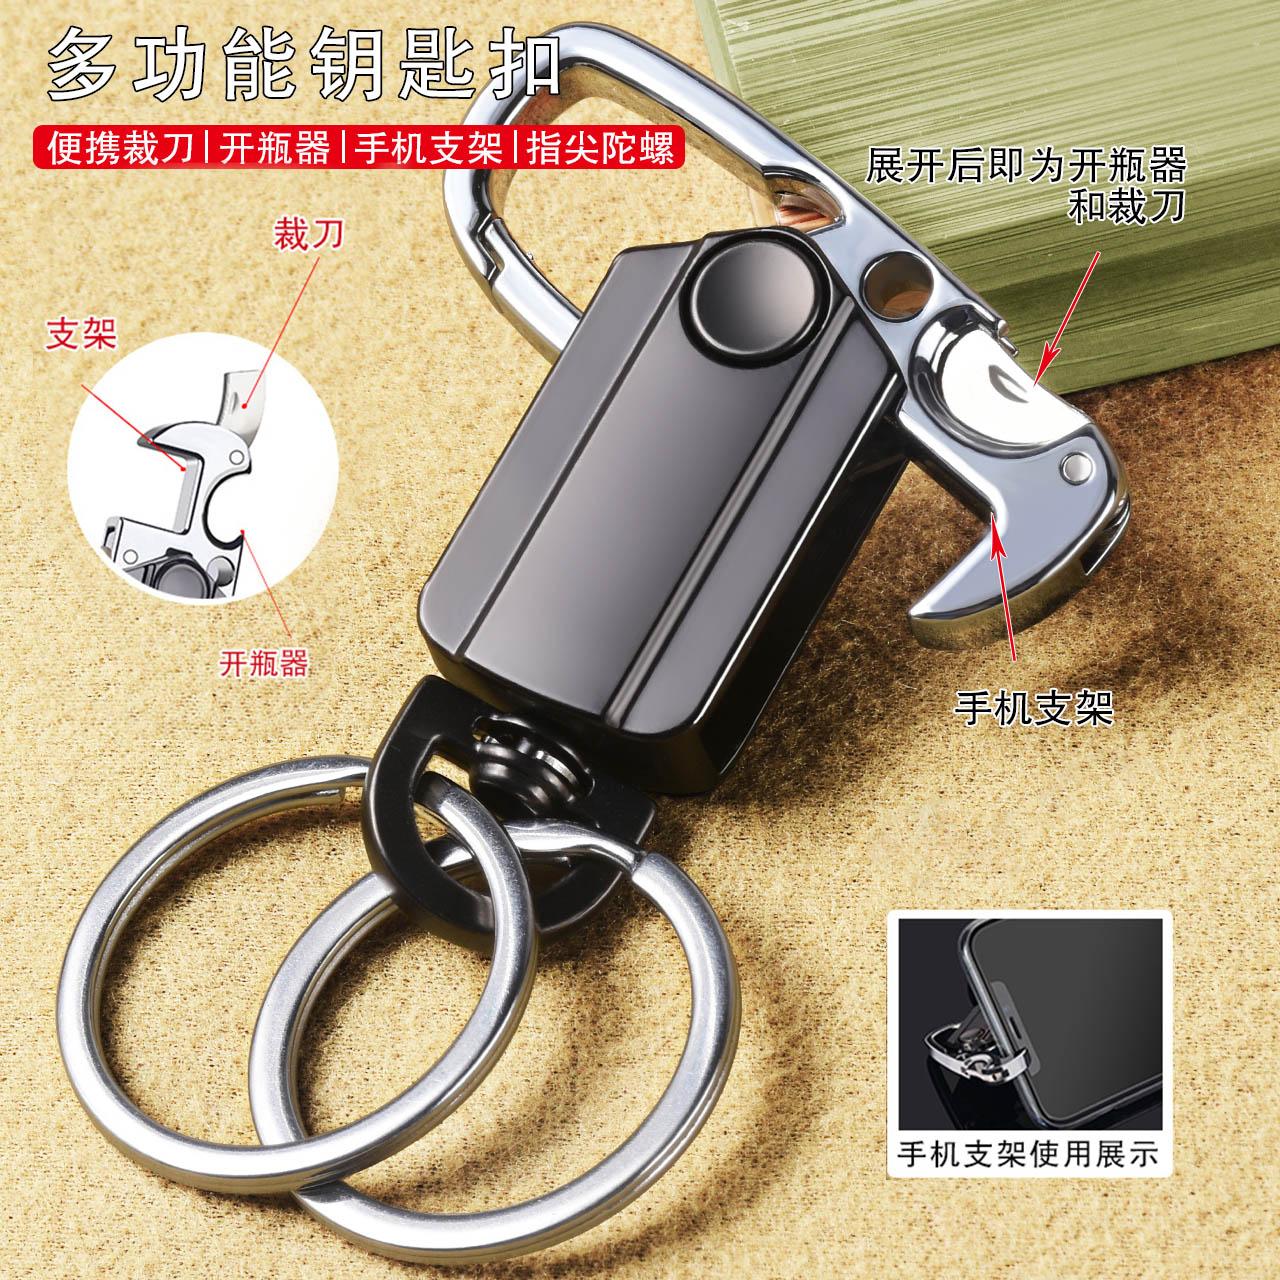 创意多功能金属汽车钥匙扣男士腰挂拆快递小刀锁匙扣刻字定制logo No.2